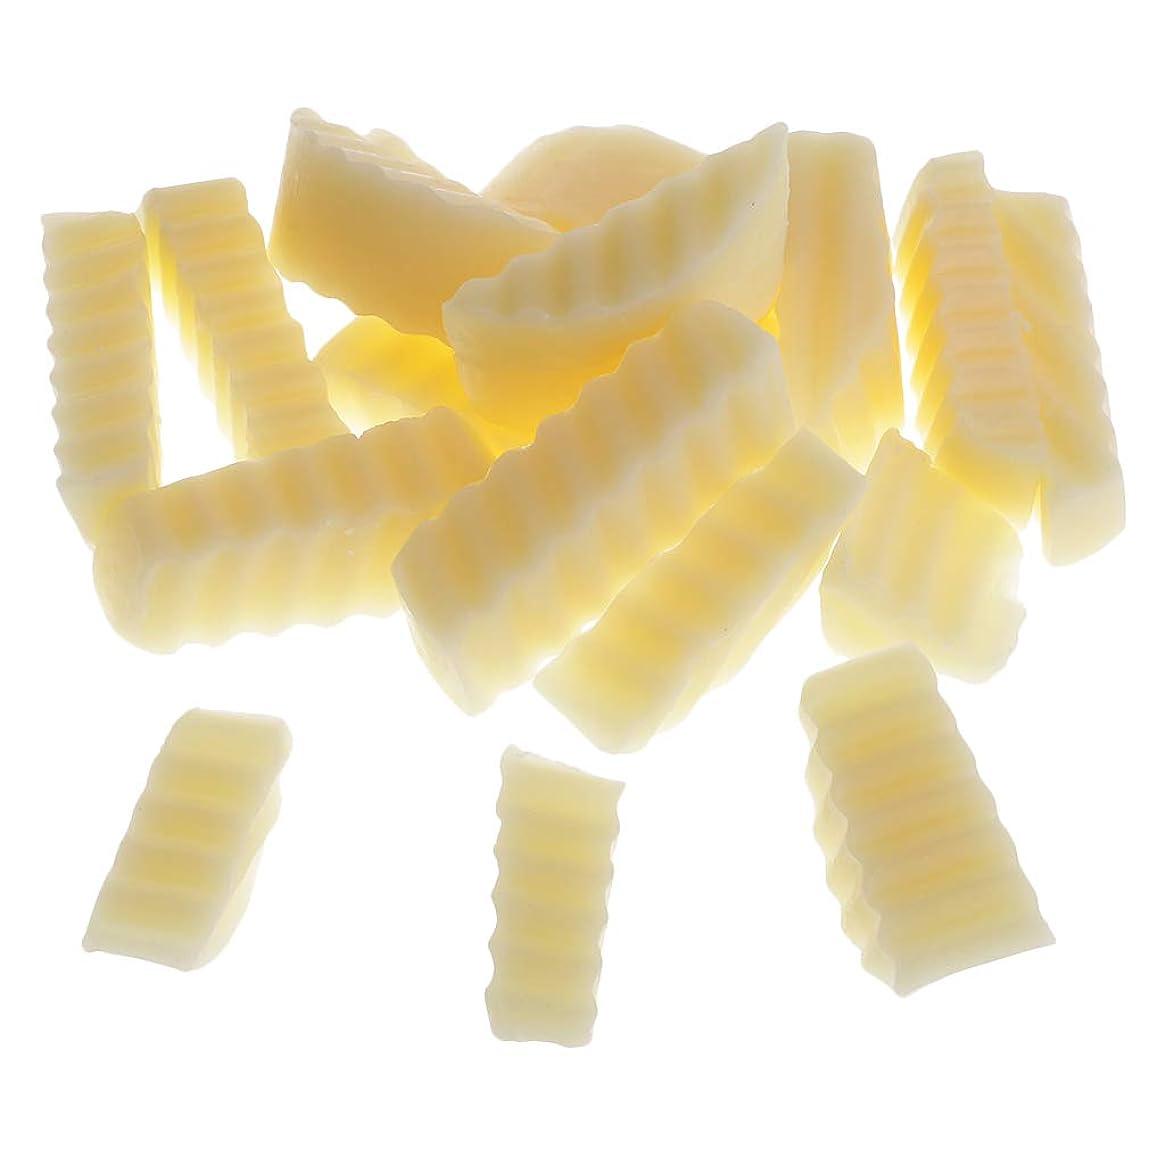 虚栄心脅威願望FLAMEER ラノリン石鹸 自然な素材 DIY手作り 石鹸 固形せっけん 約250g /パック 高品質